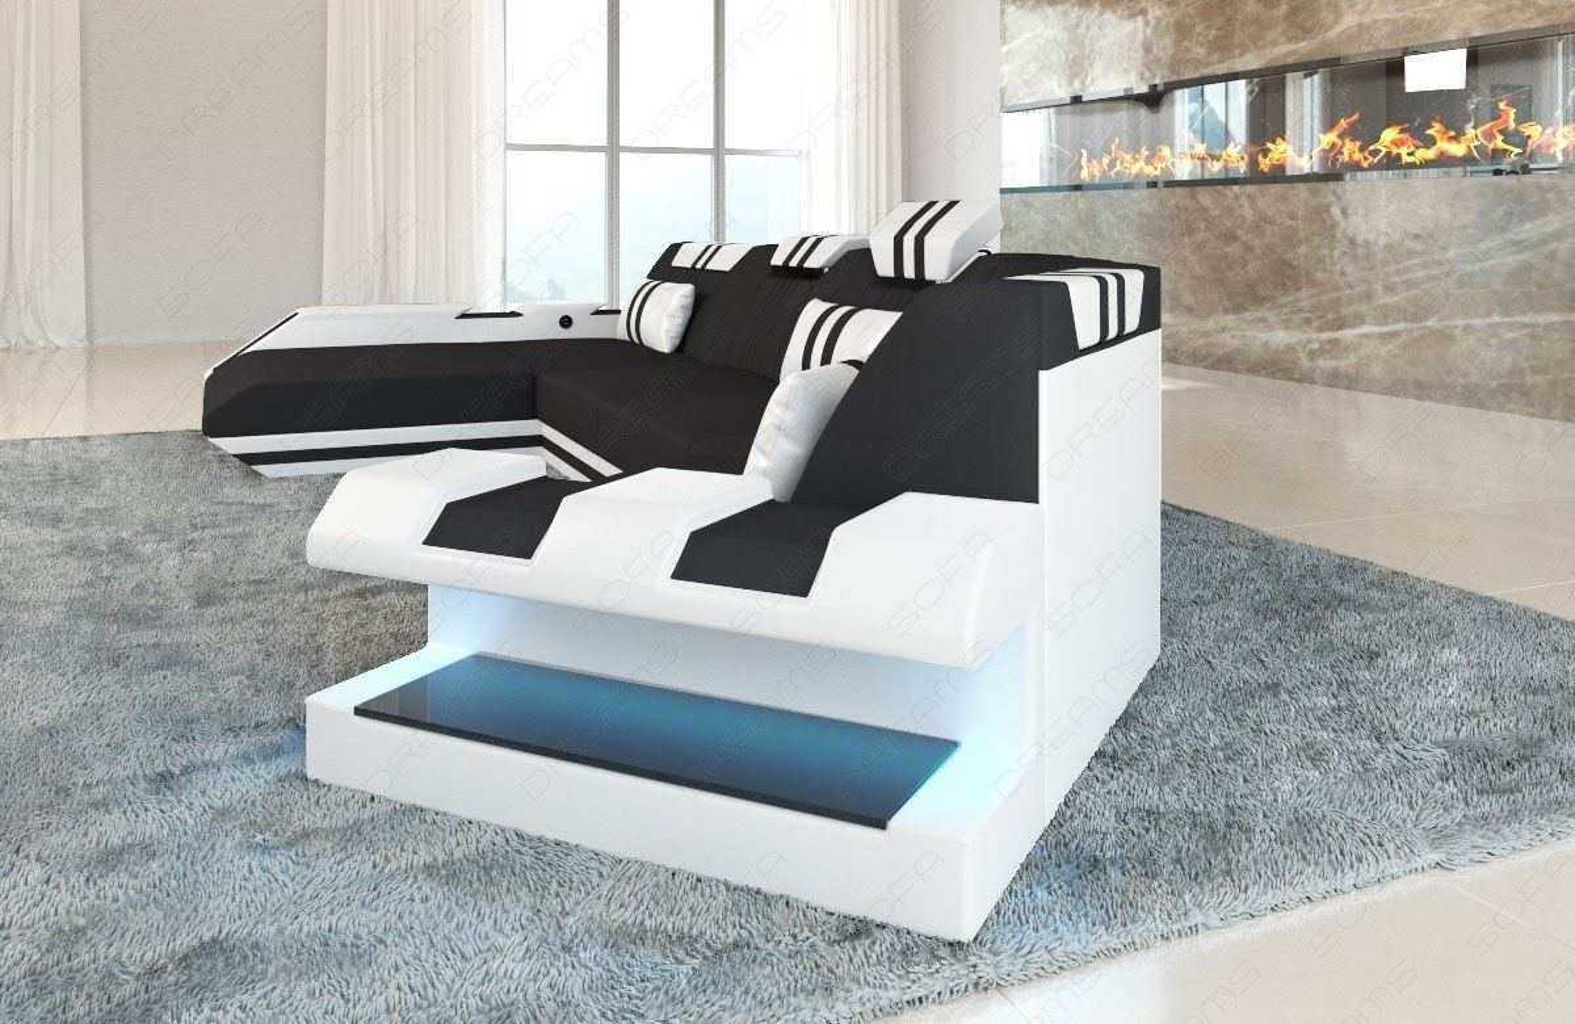 sofa interior design fabric leather mix apollonia c corner. Black Bedroom Furniture Sets. Home Design Ideas